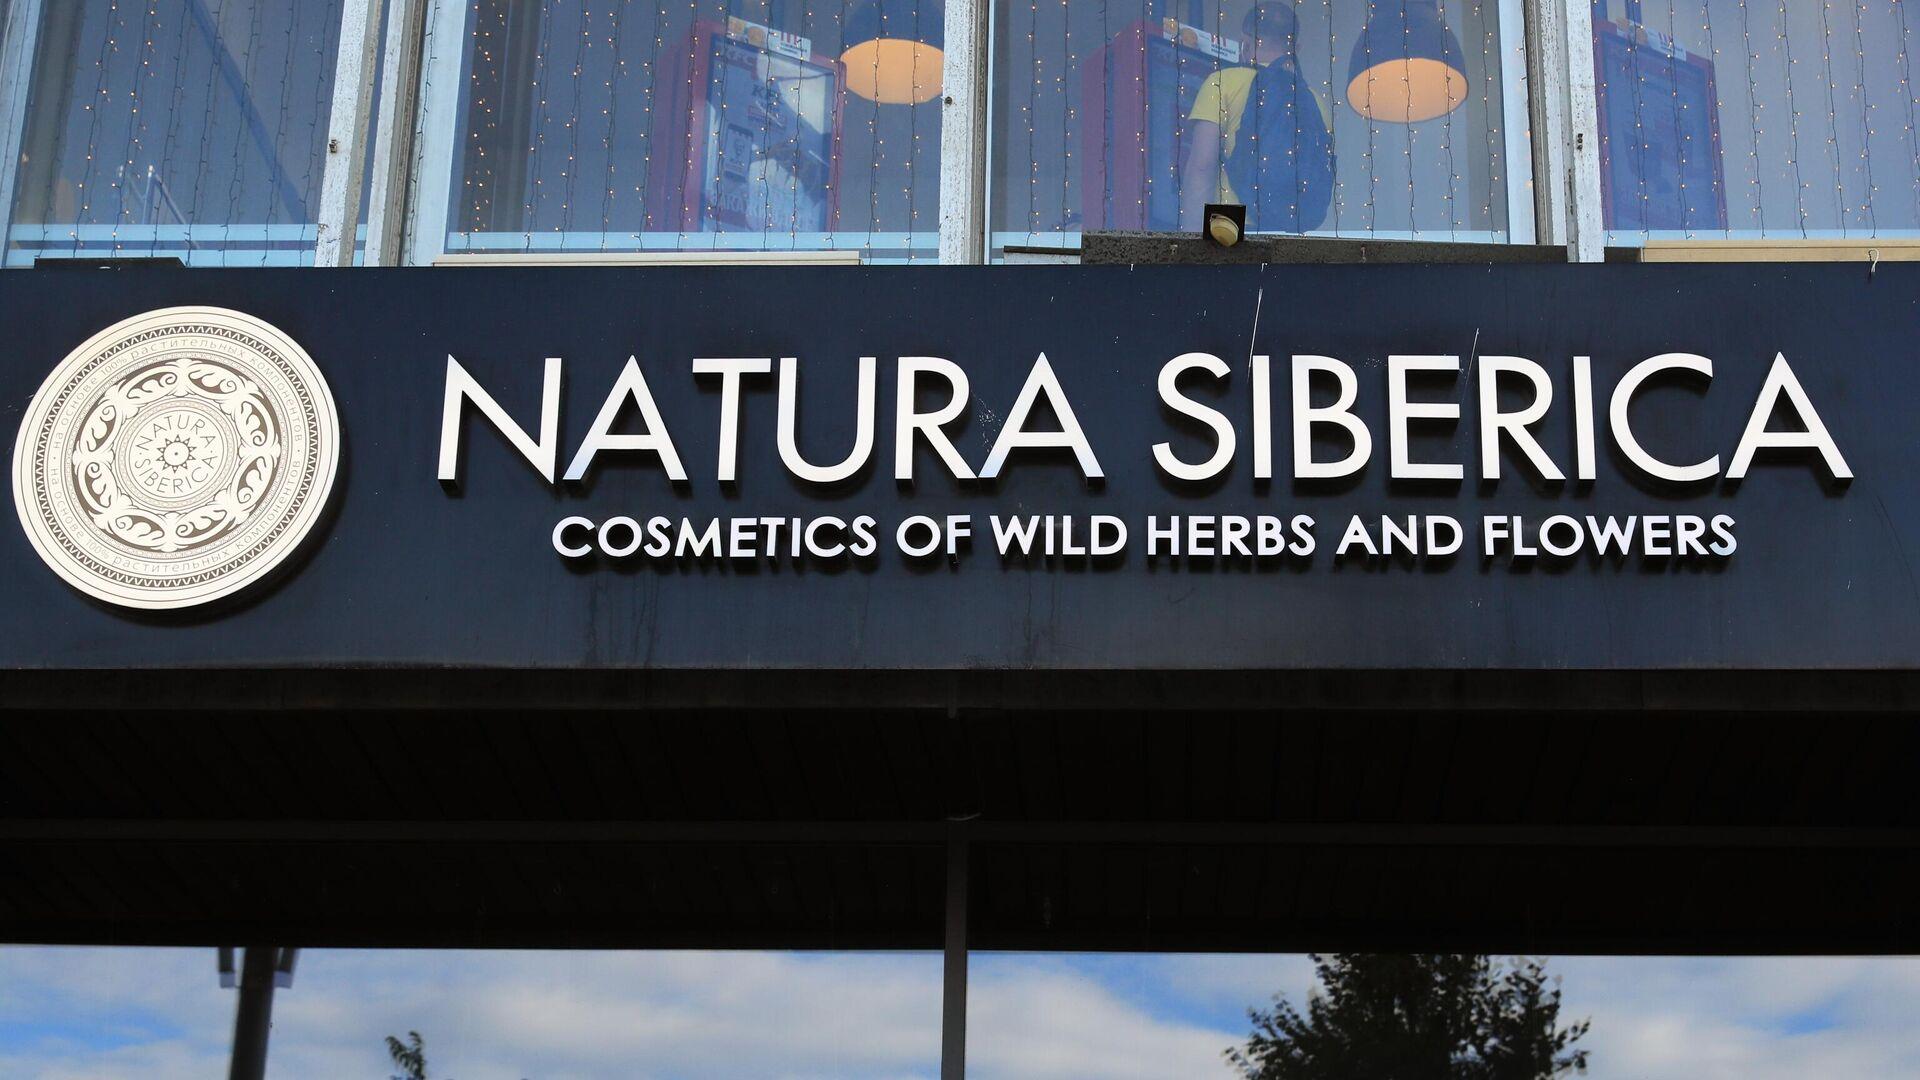 Дмитровский завод предложил Natura Siberica возобновить выпуск косметики